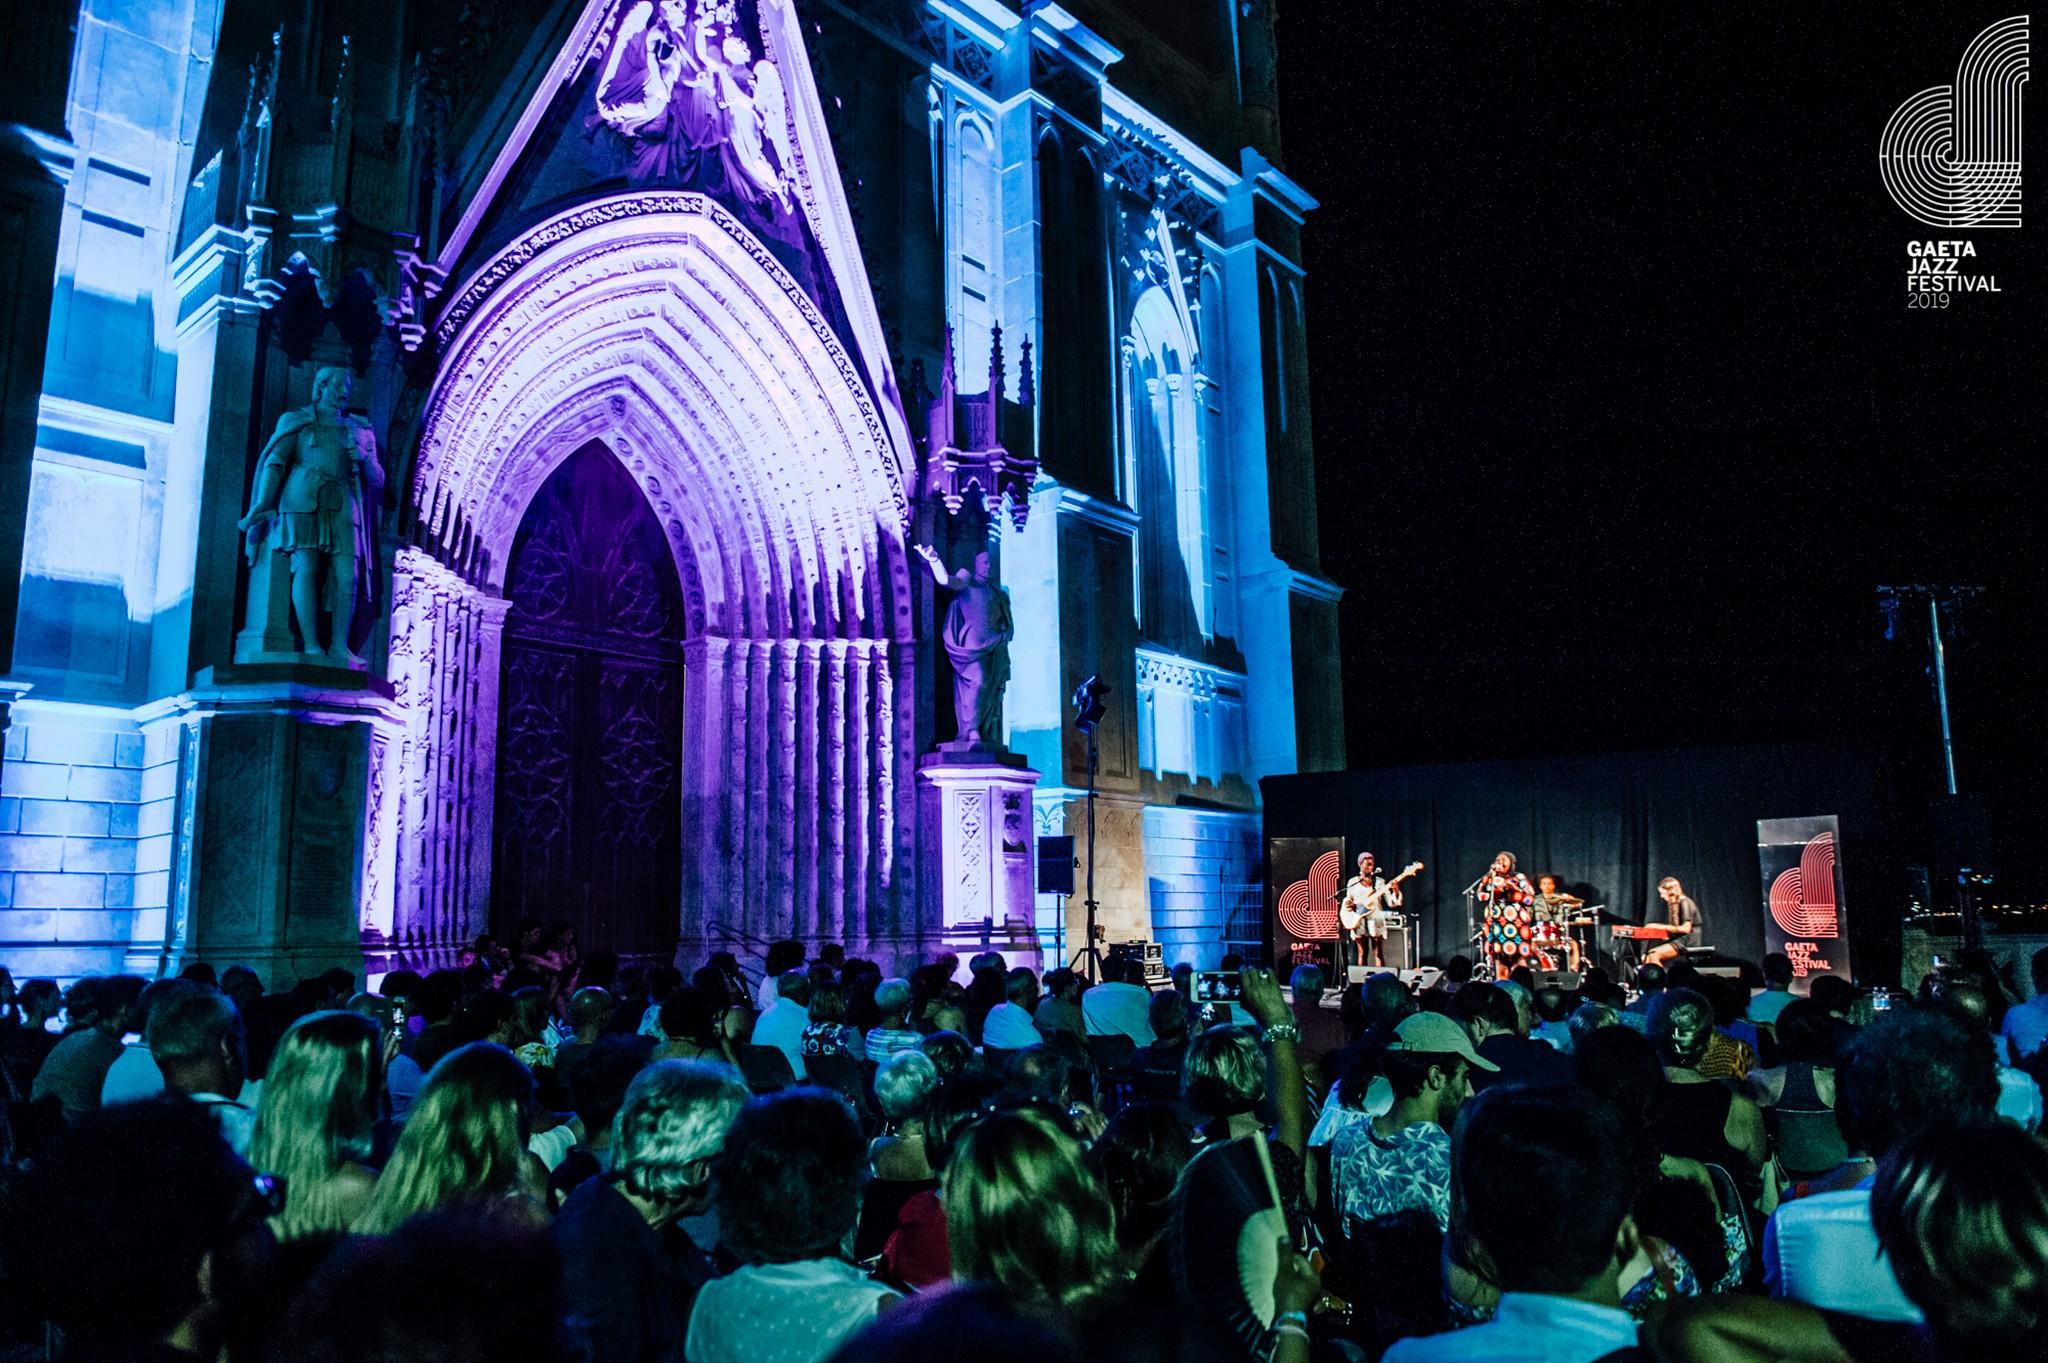 Flavia_Fiengo_Gaeta_Jazz_Festival_live_2019__00015